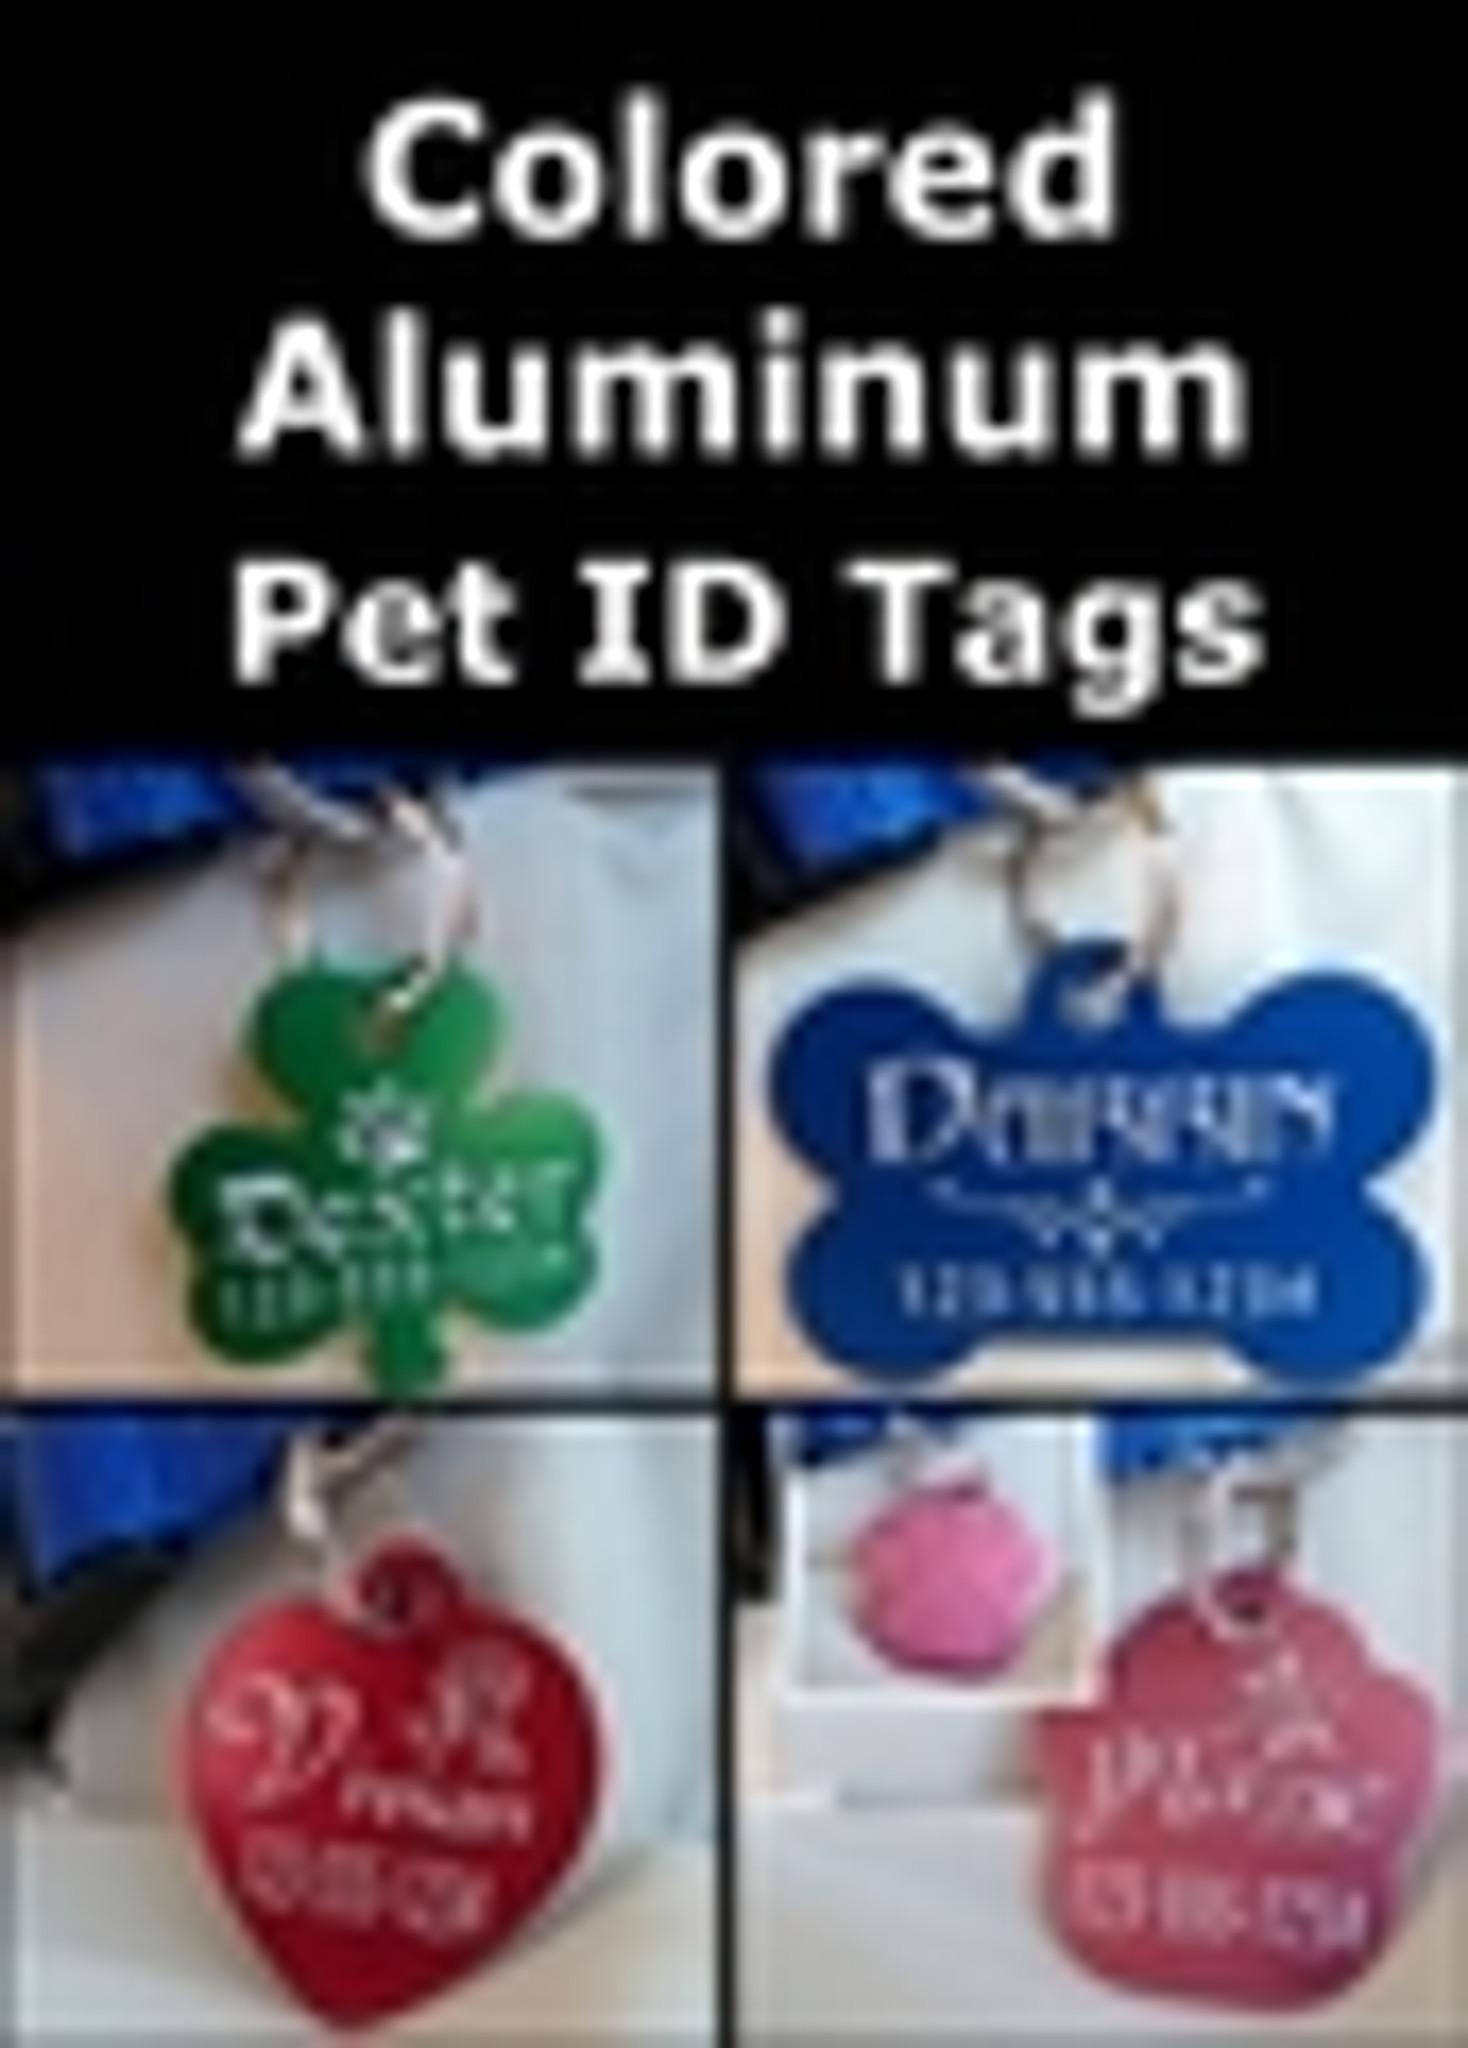 Colored Aluminum Pet ID Tags